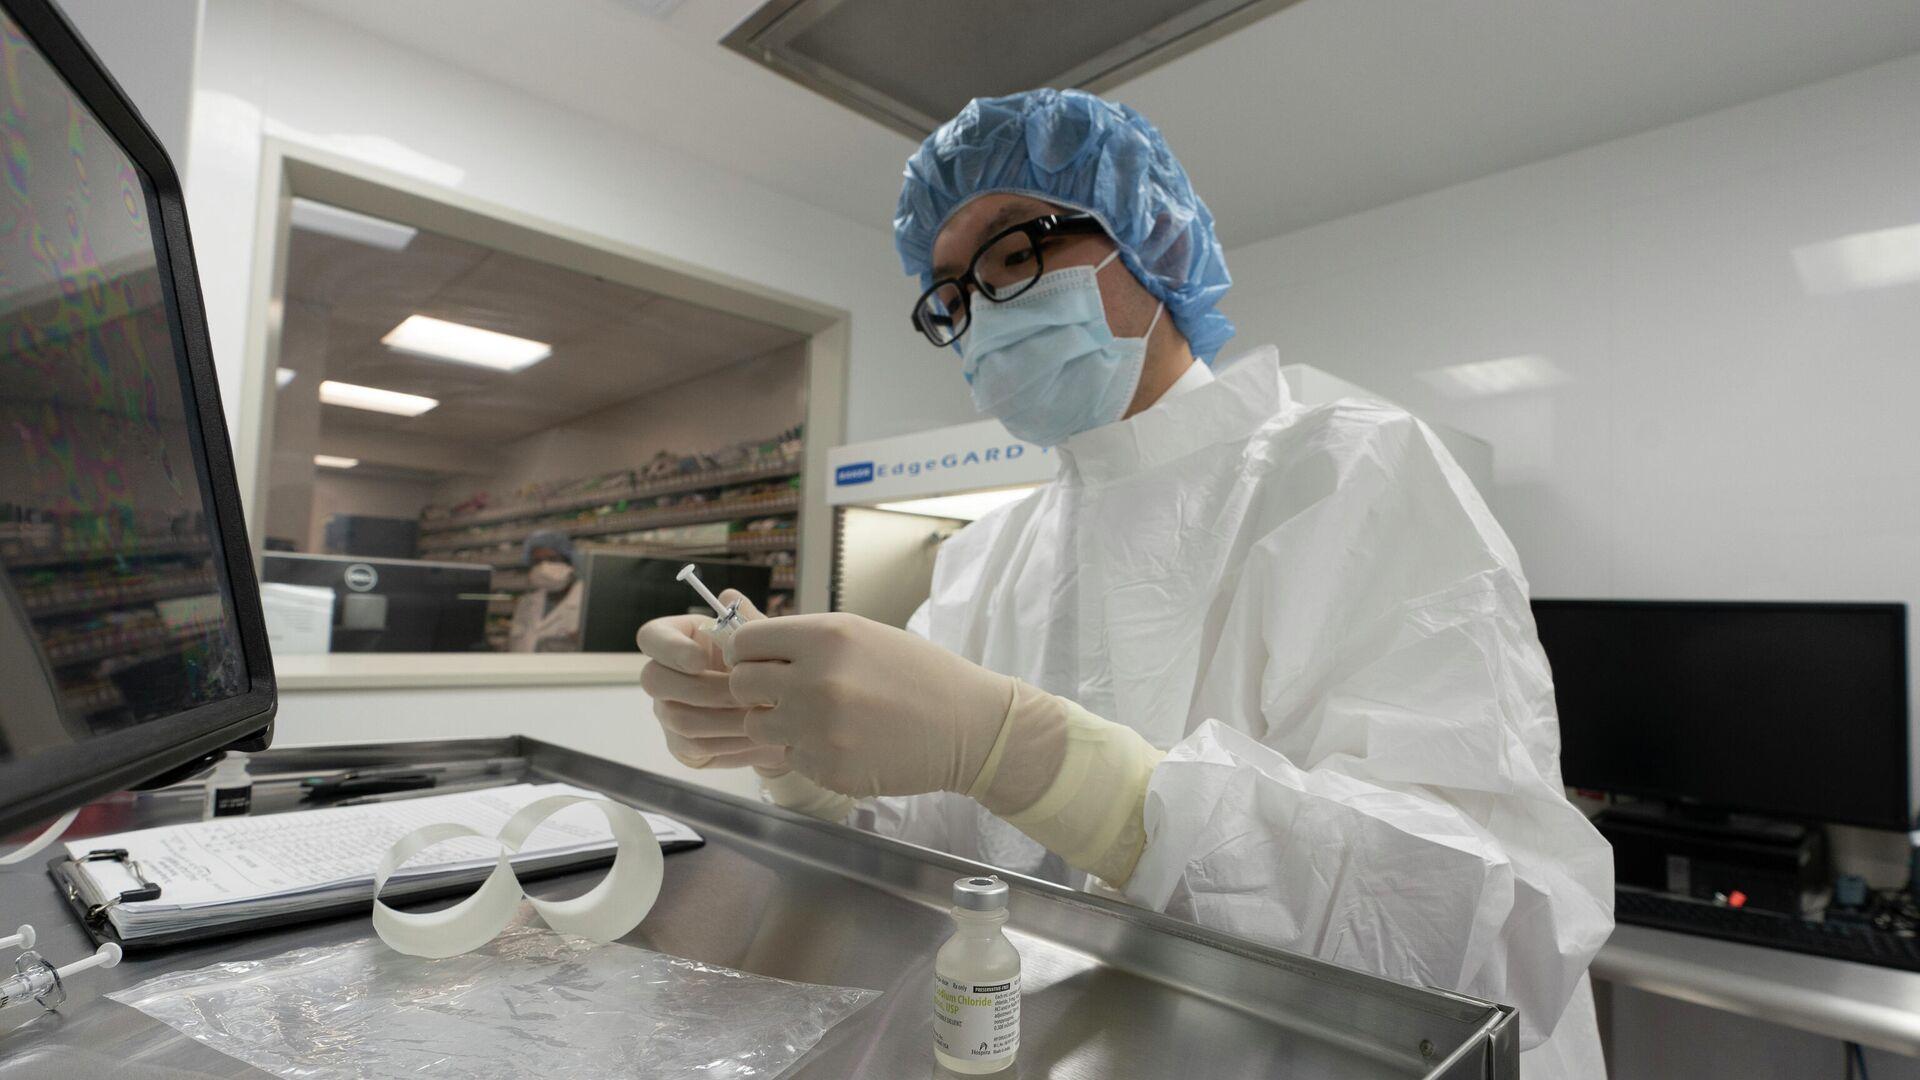 Фармацевт готовит процедурный кабинет в больнице в Нью-Йорке, куда ожидаются поставки вакцины от коронавируса - РИА Новости, 1920, 06.01.2021